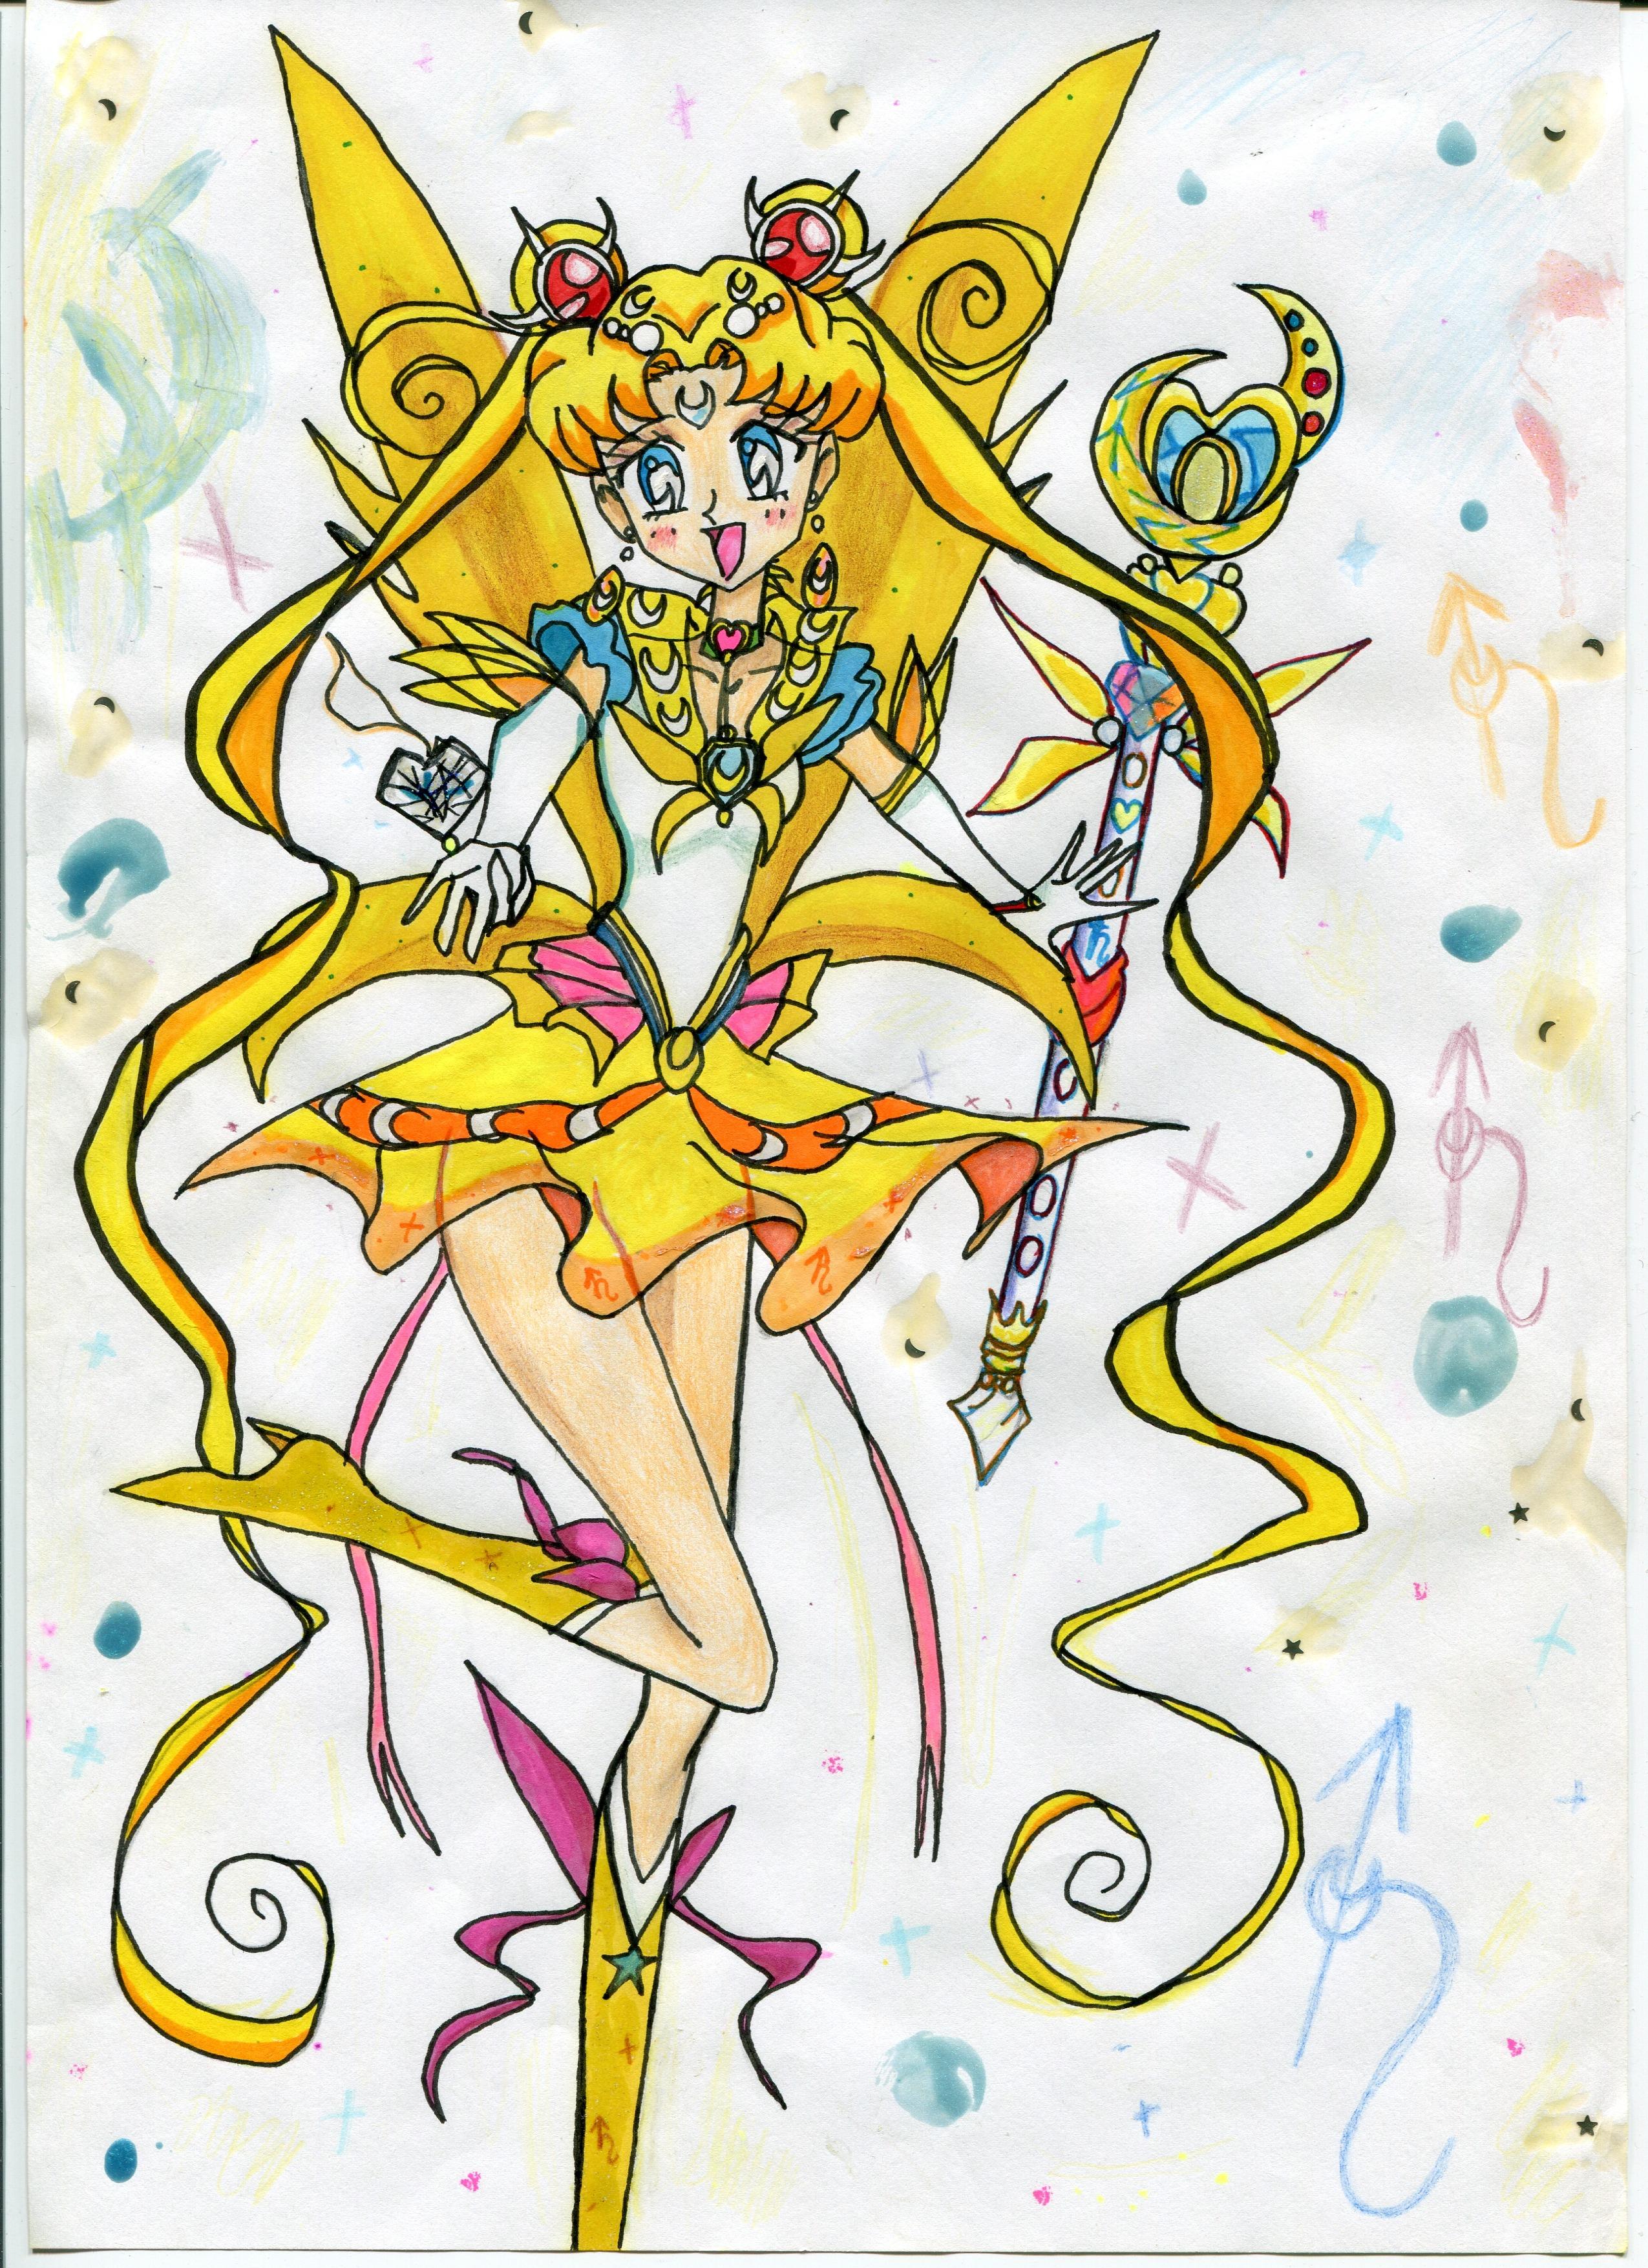 Gambar Garis Animasi Ilustrasi Peri Putri Sprite Anime